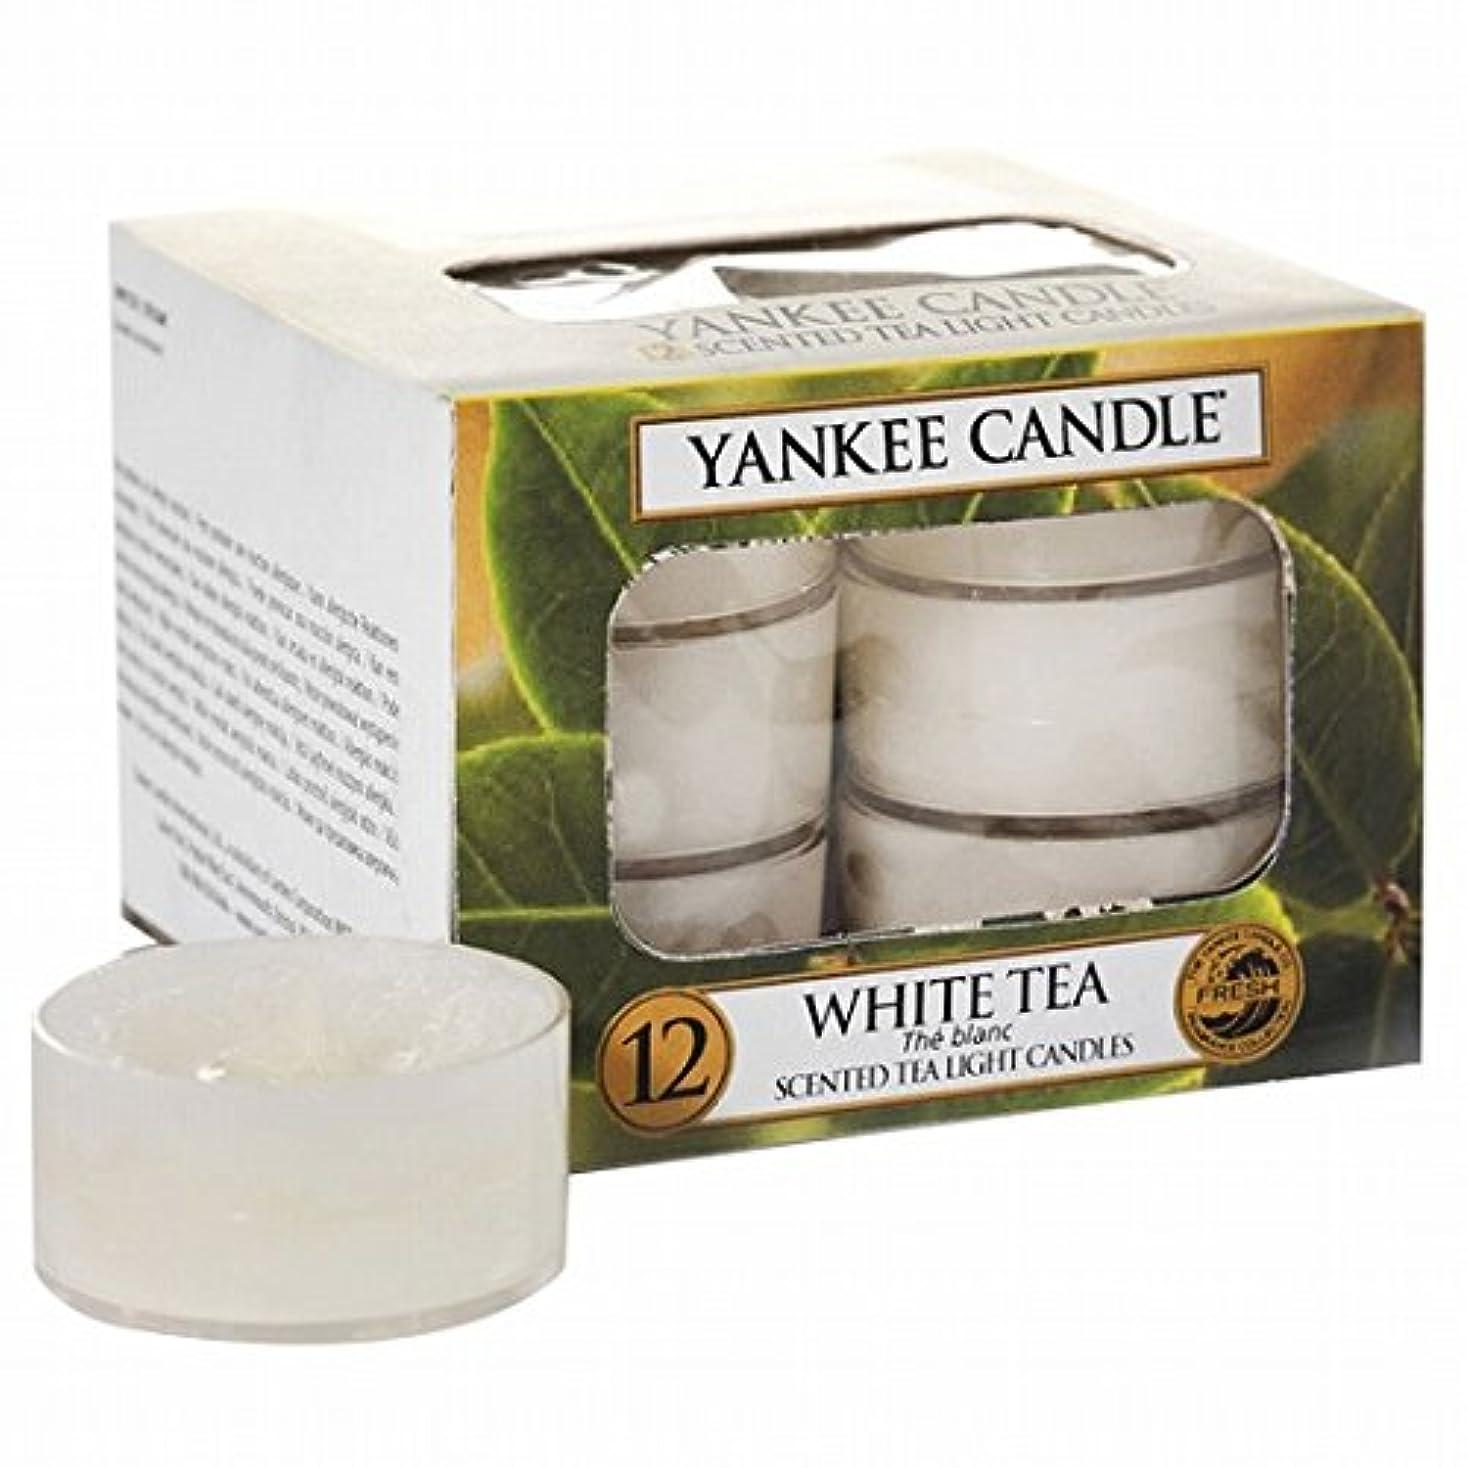 エネルギー示すブラウンヤンキーキャンドル(YANKEE CANDLE) YANKEE CANDLE クリアカップティーライト12個入り 「ホワイトティー」